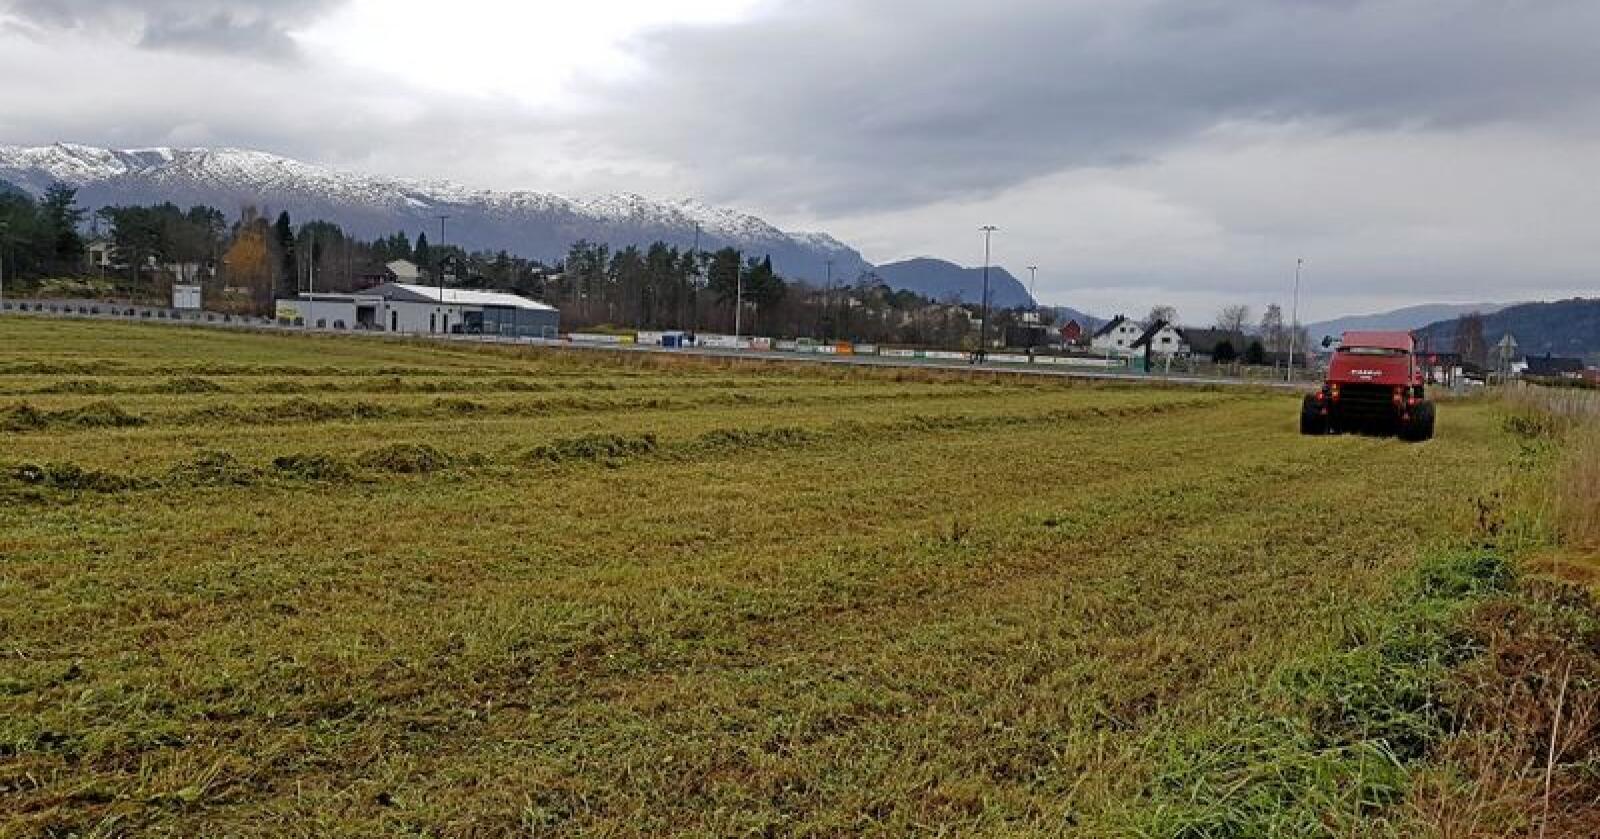 8. november, under snøkledde fjell, er det ikkje vanleg at det blir slått gras ved Kleivedammen på Sandane. Sesongen 2018 er ikkje som andre sesongar. Foto: Knut-Ove Henden